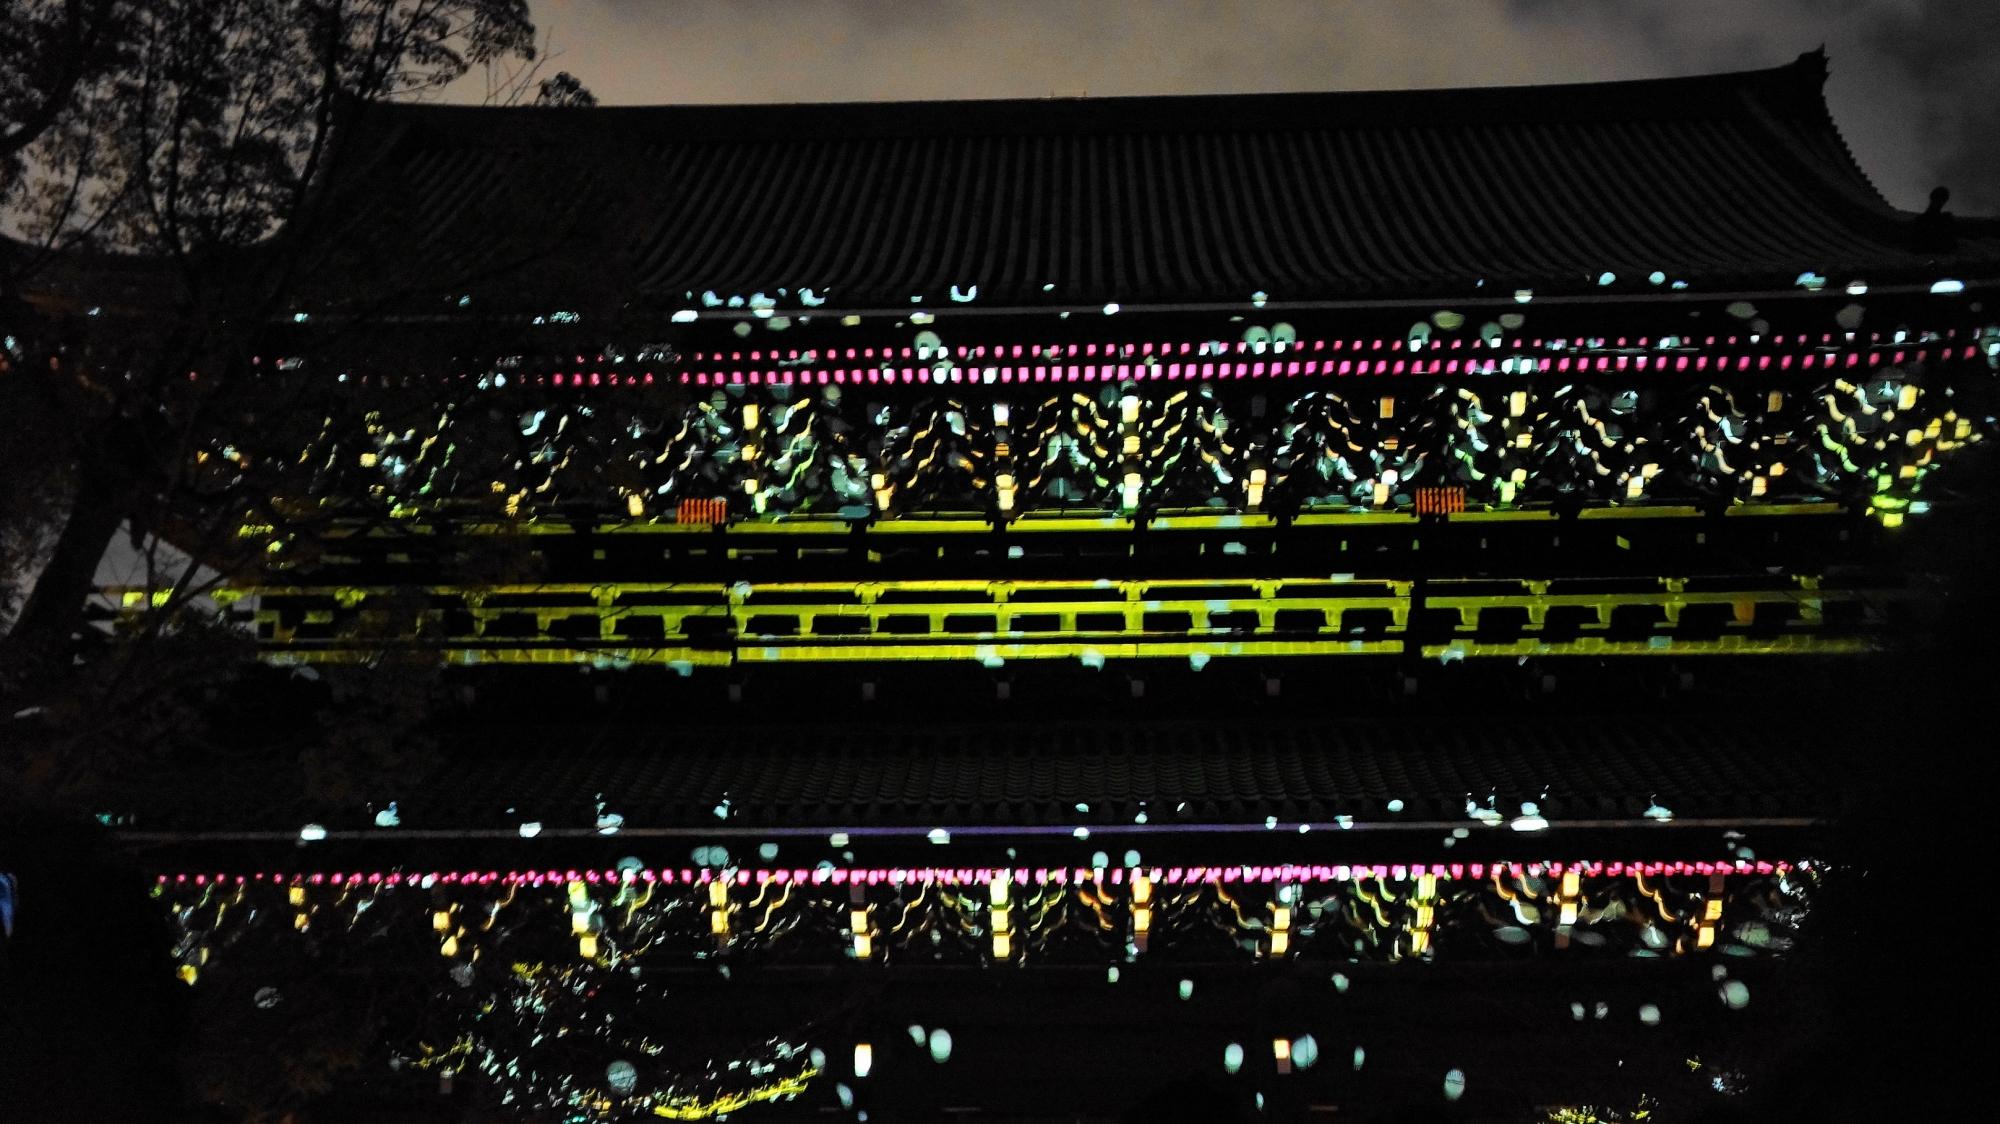 東山花灯路での知恩院三門の美しいプロジェクションマッピング「幻想の灯り」